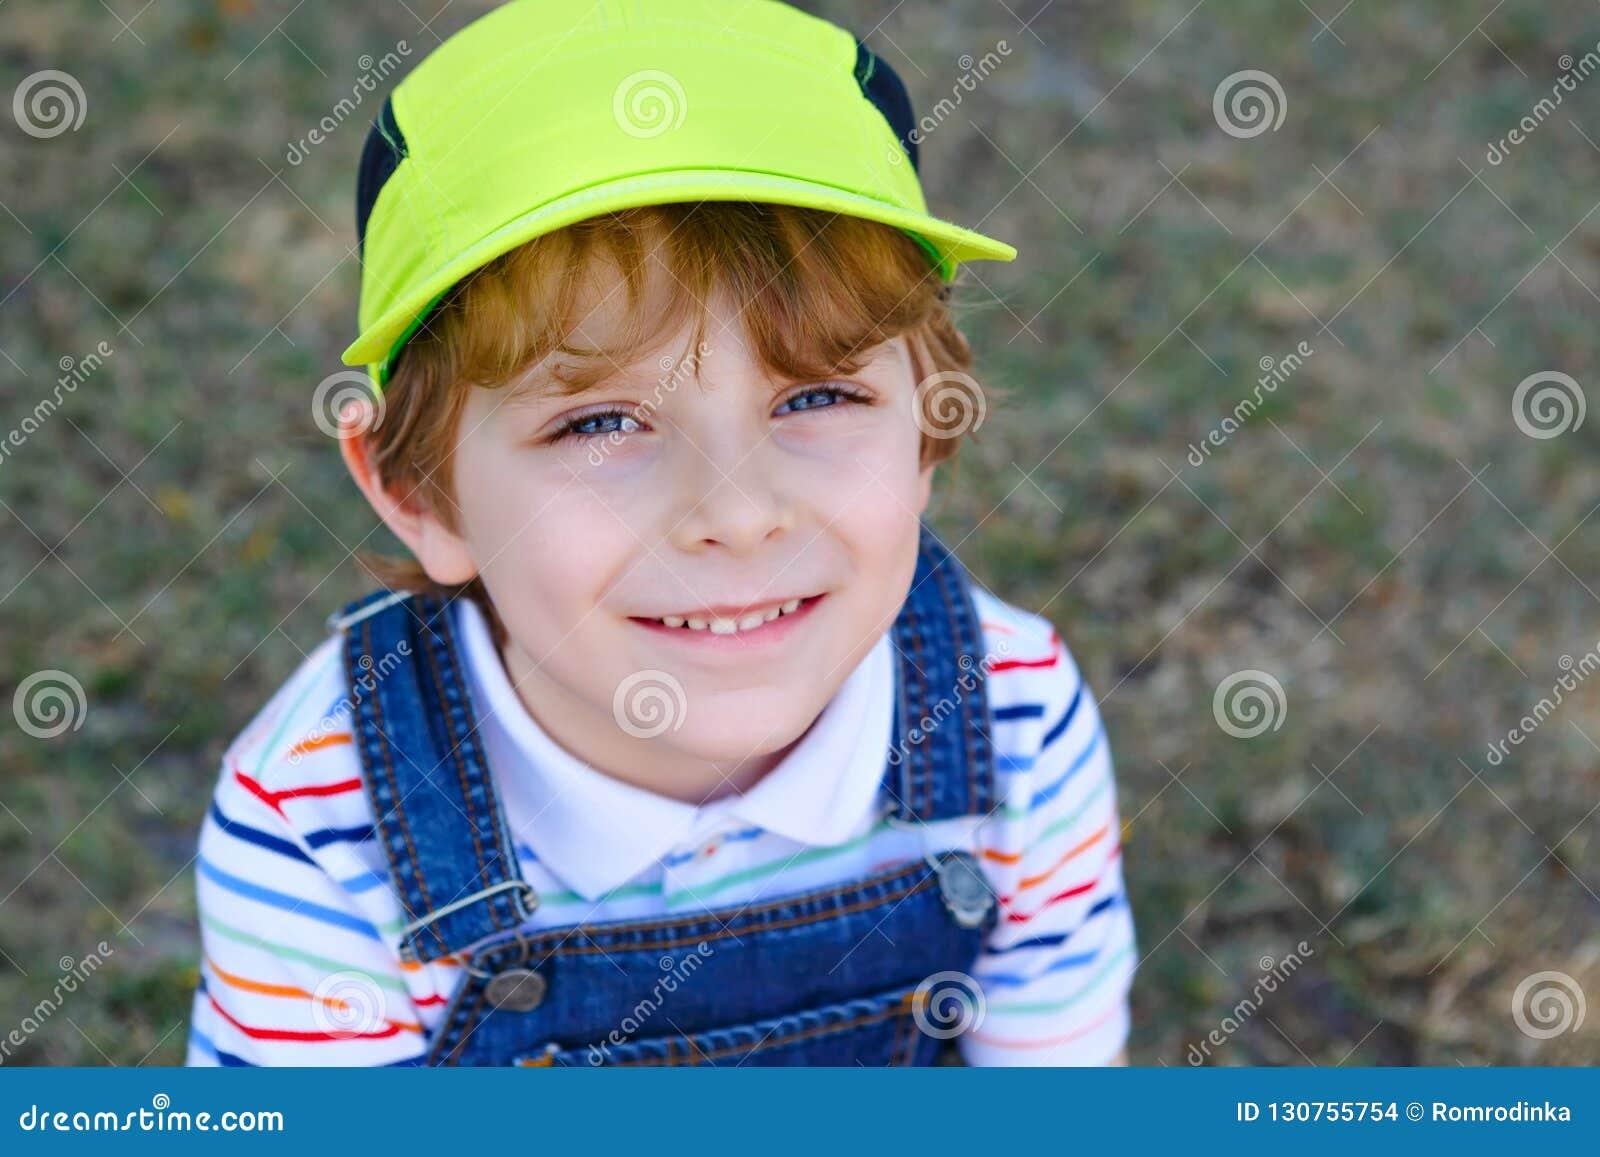 Λατρευτό ενεργό αγόρι παιδάκι που έχει τη διασκέδαση στην παραλία του Μαϊάμι, βασικό Biscayne Ευτυχής χαριτωμένη χαλάρωση, παιχνί